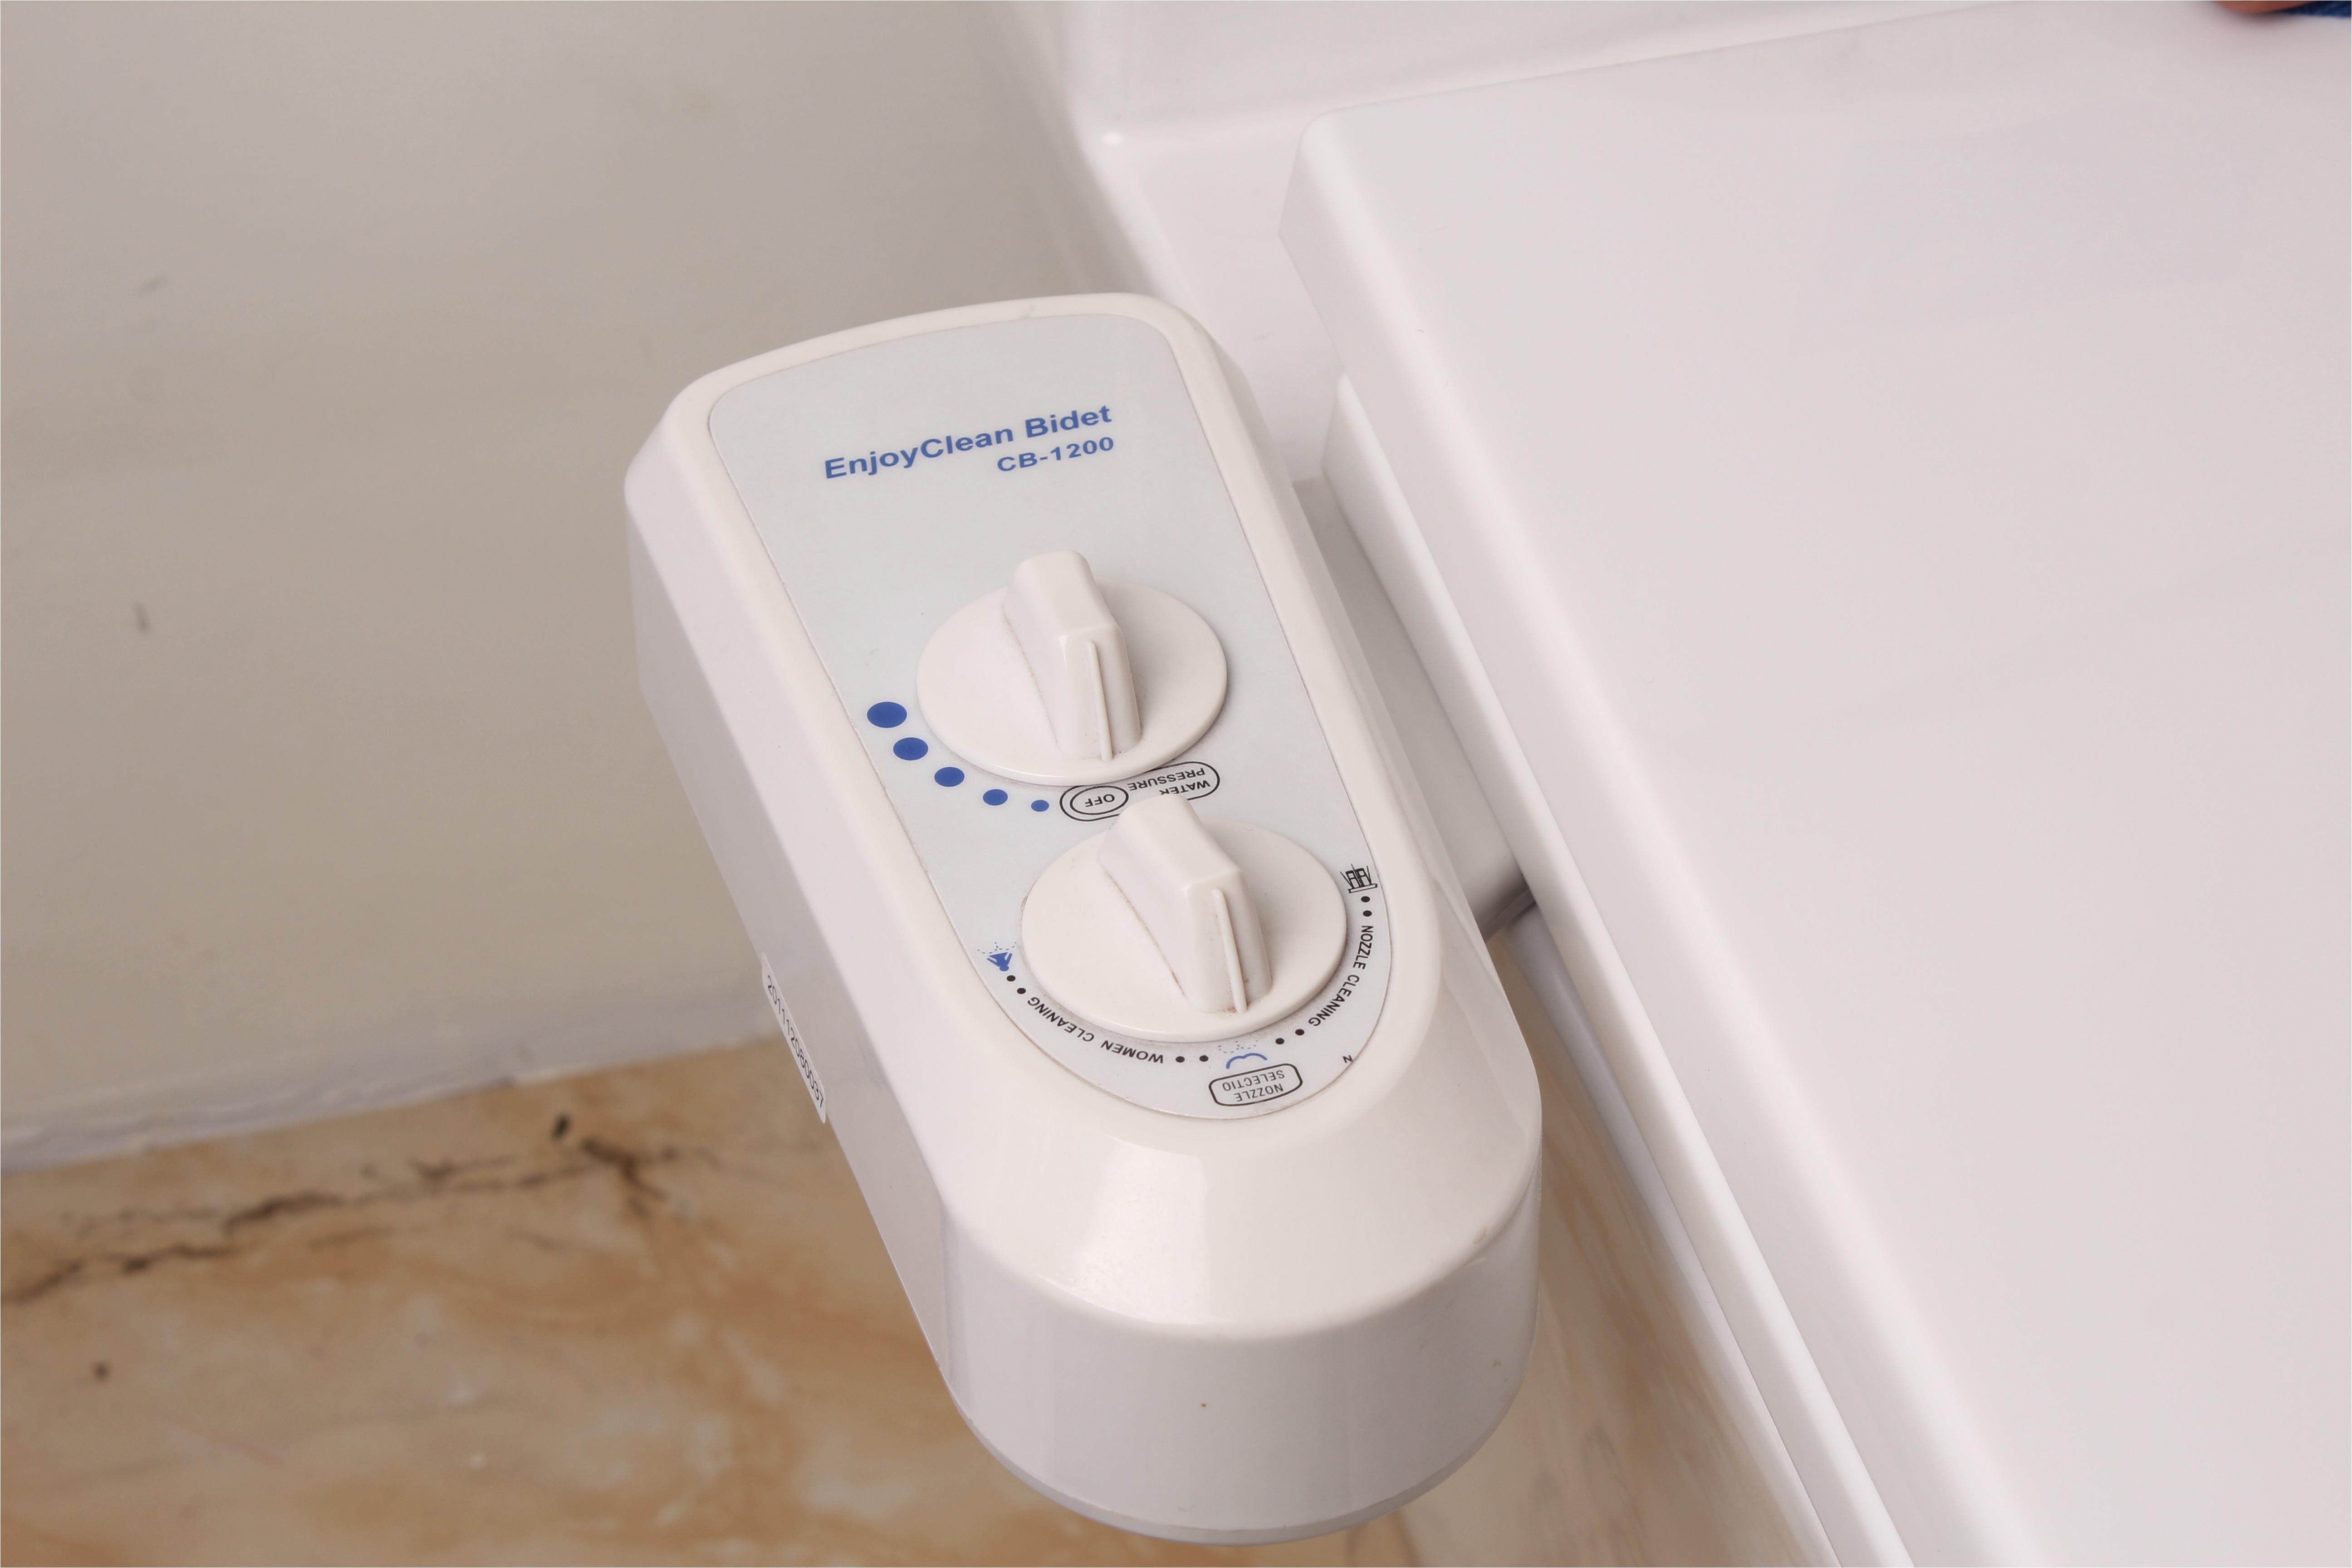 Bidet attachment Warm Water Luxe Bidet Neo toilet Seat attachment Warm Water Self